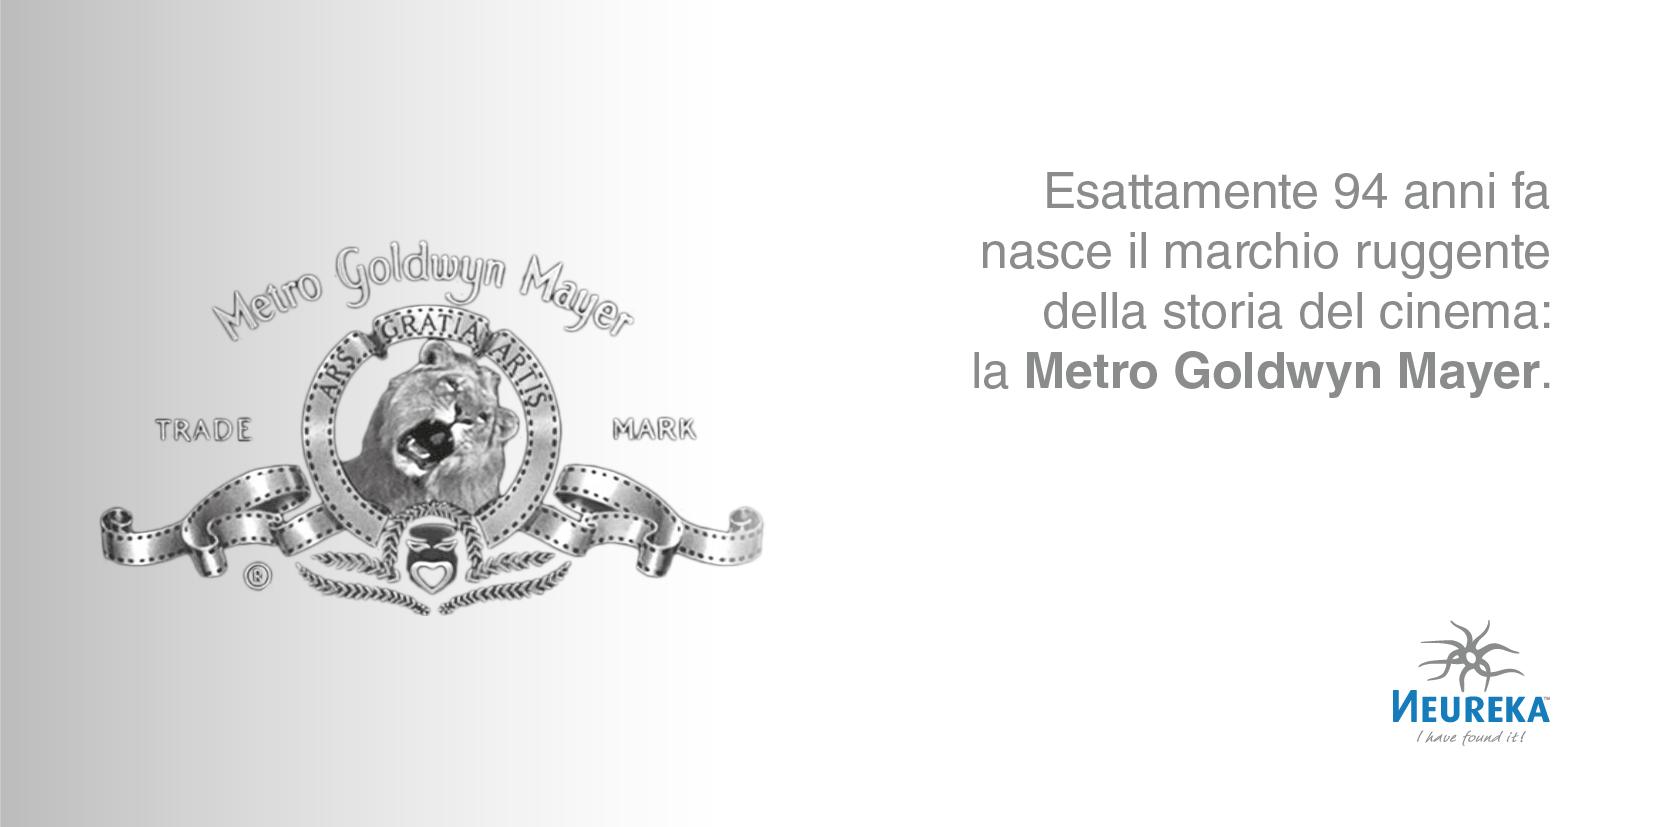 Esattamente 94 anni fa nasce il marchio ruggente della storia del cinema: la Metro Goldwyn Mayer